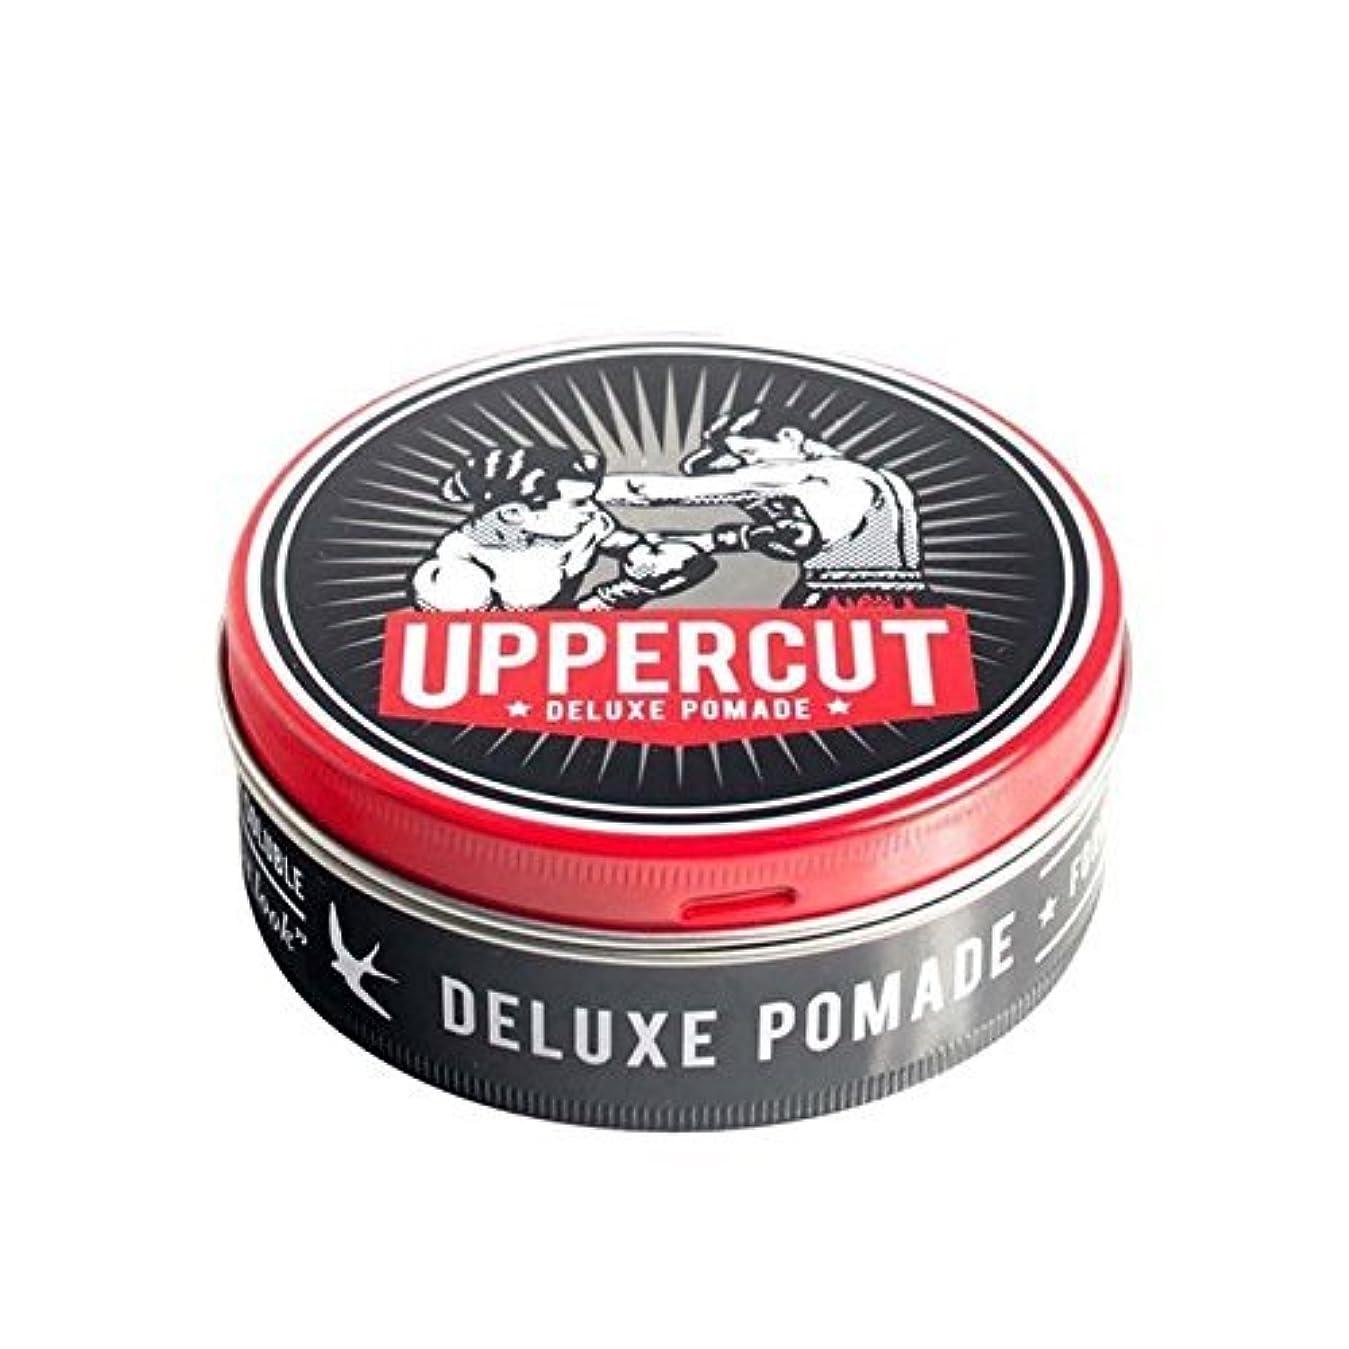 呪い化学薬品保険UPPERCUT DELUXE POMADE アッパーカット デラックス ポマード 100g